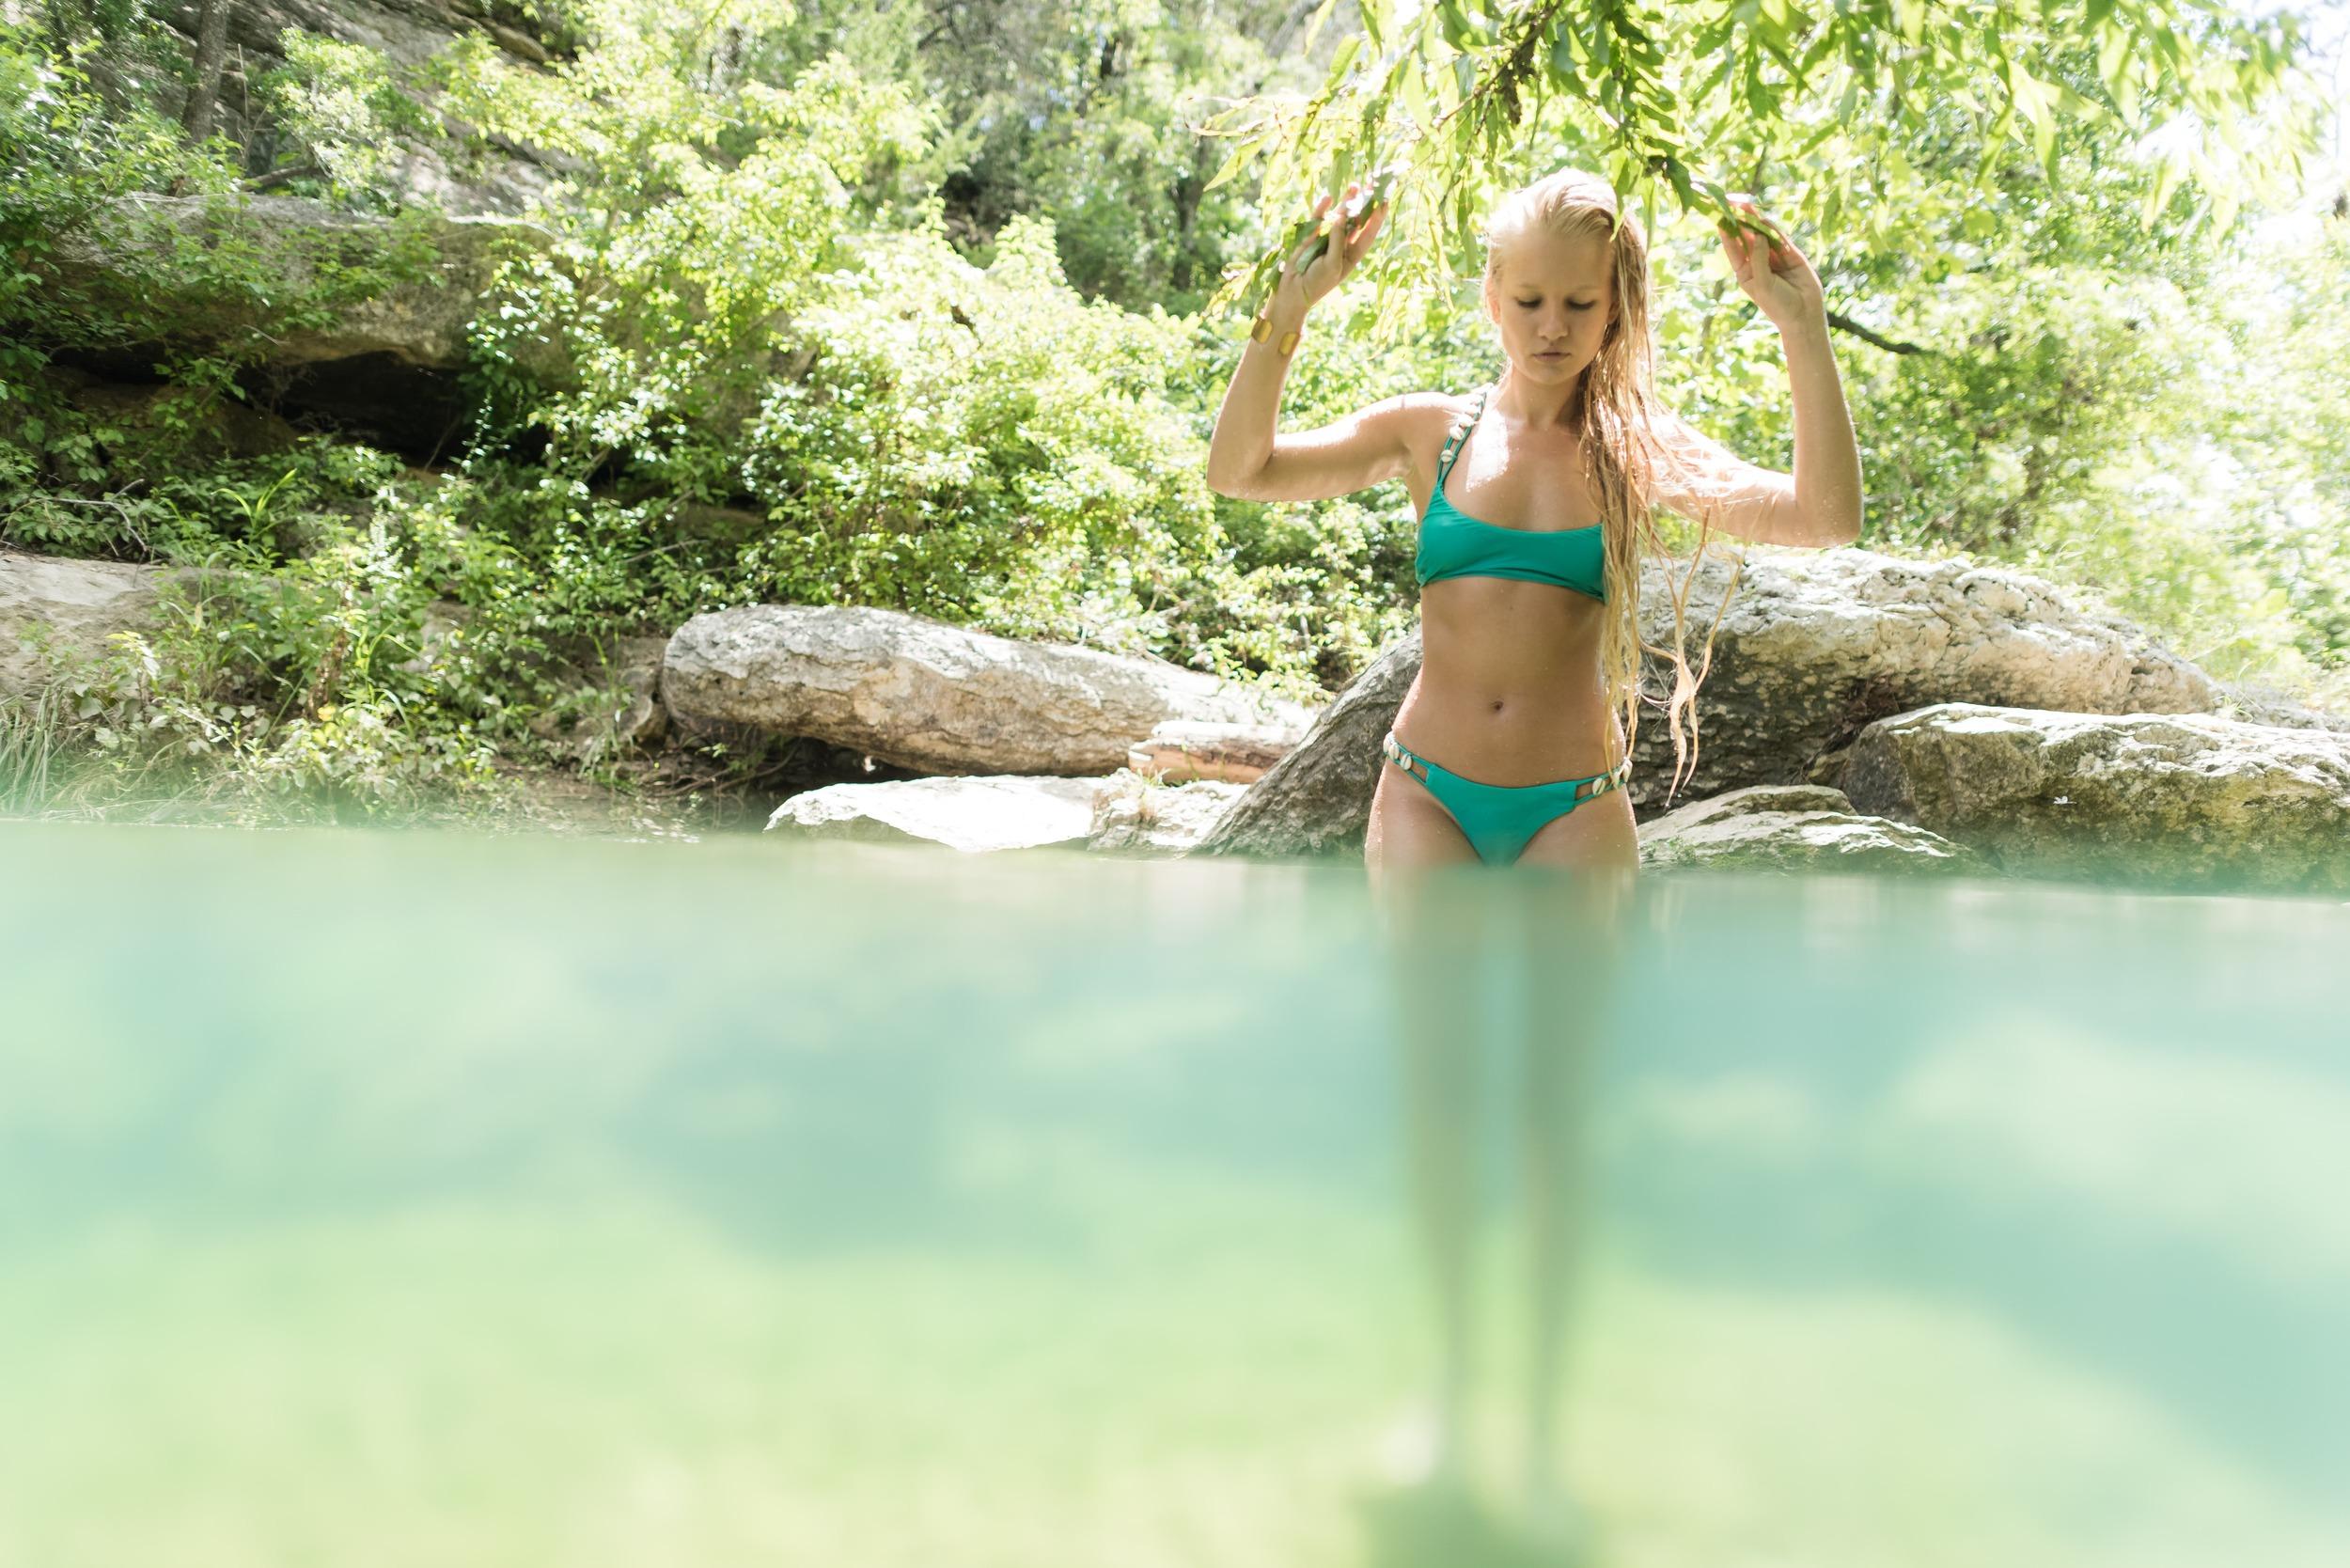 Indie + Wild -- Sanibel Top + Bttm in Turquoise -- Jack Bates x Lily Klem (1).jpg